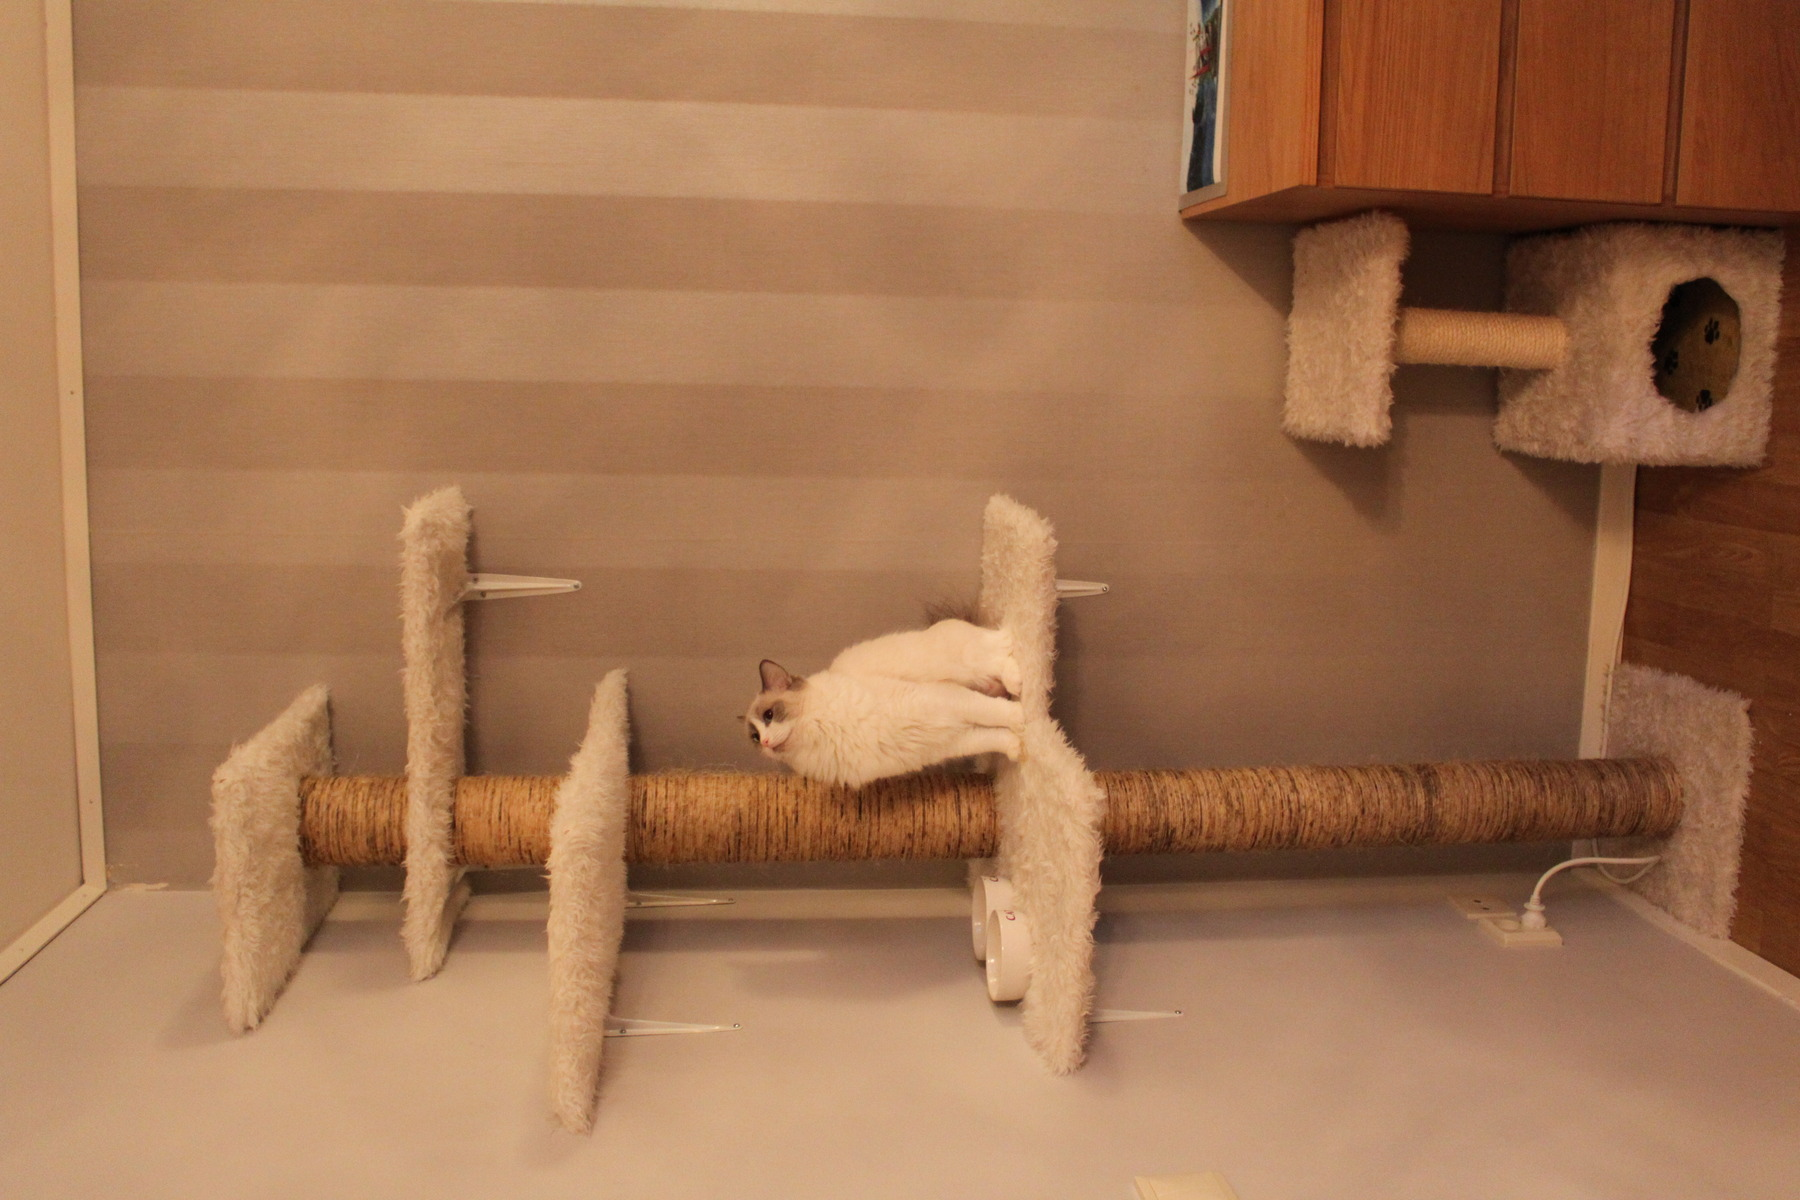 klösträd katt bygga själv